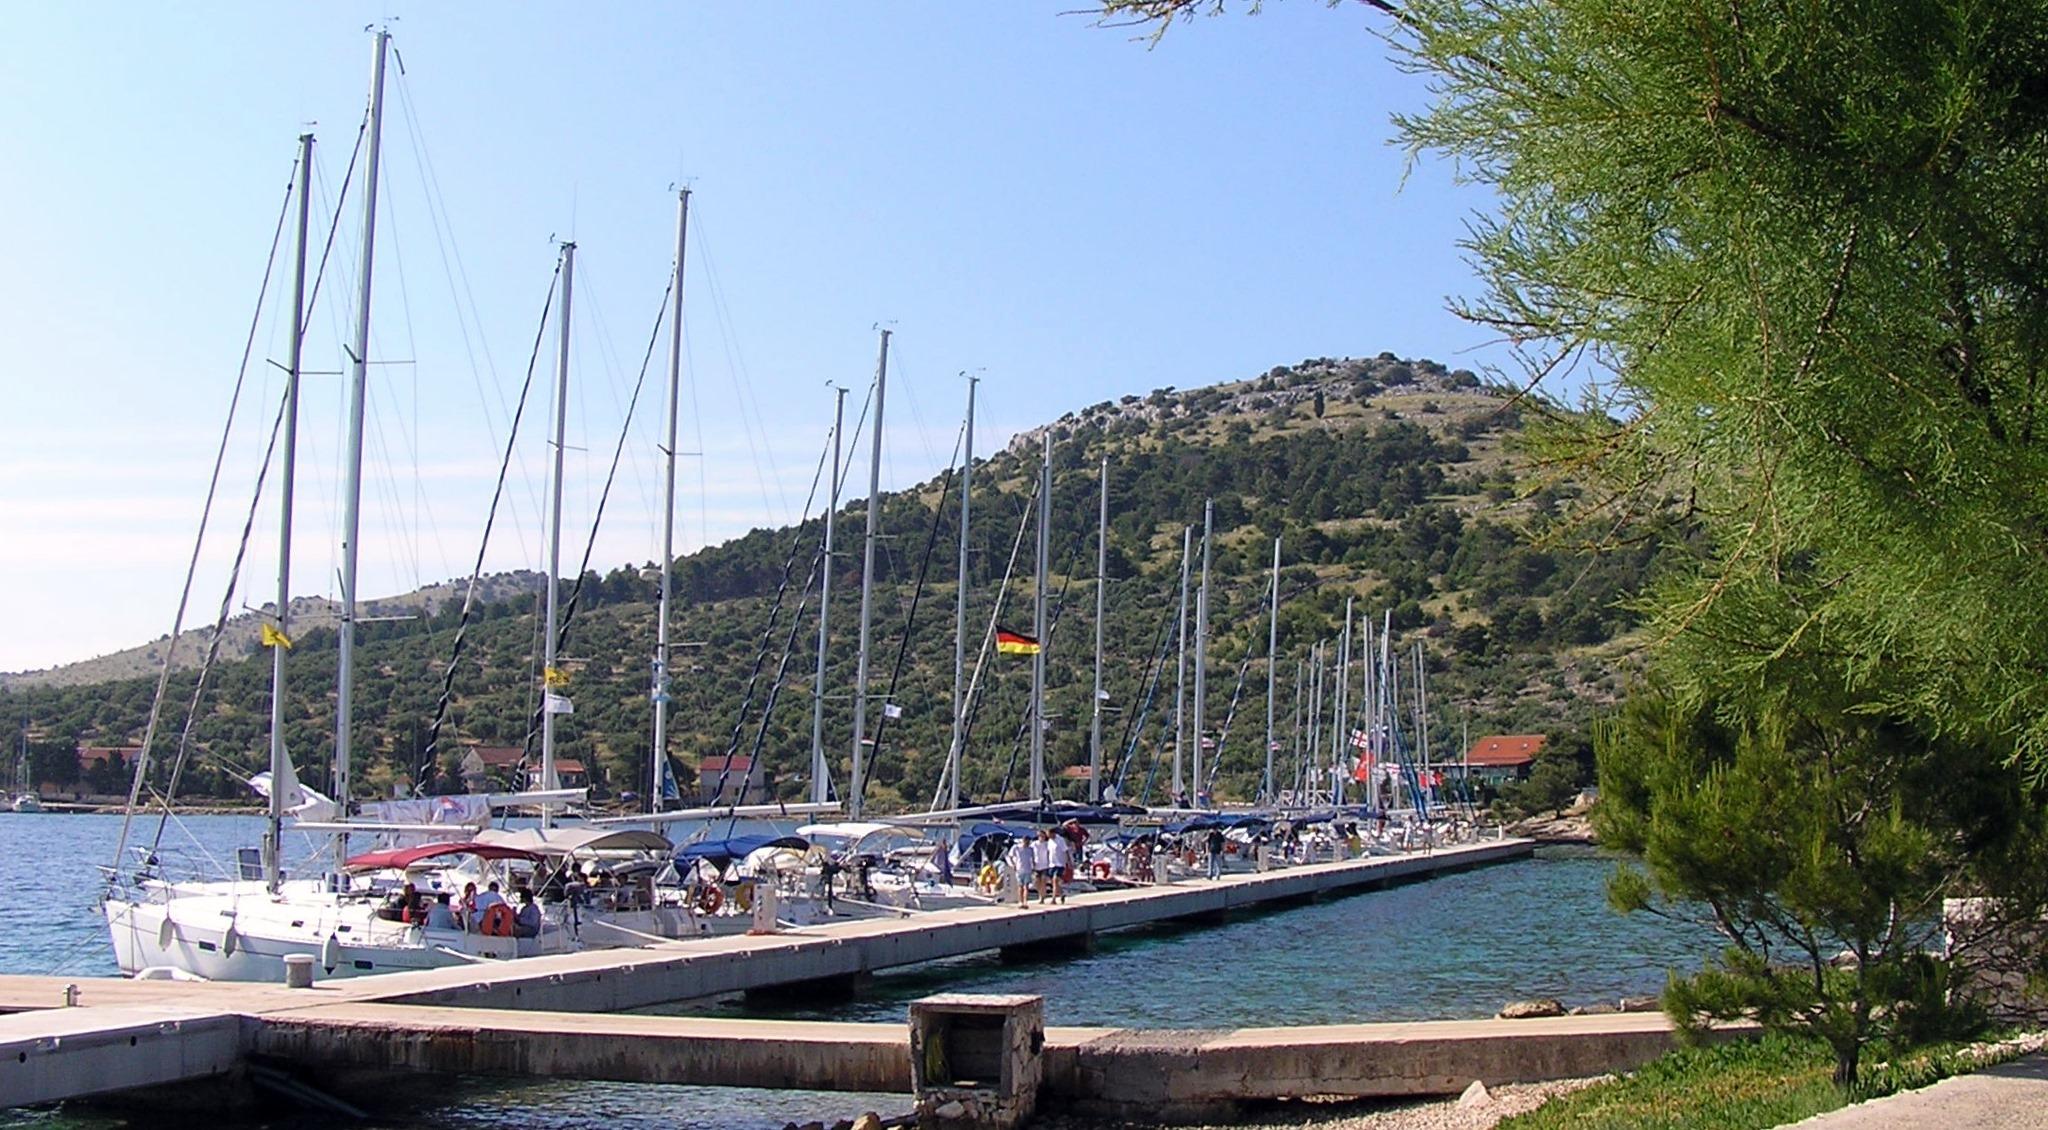 Noleggio Barche Isola di Zut - Navalia | Noleggia un Sogno